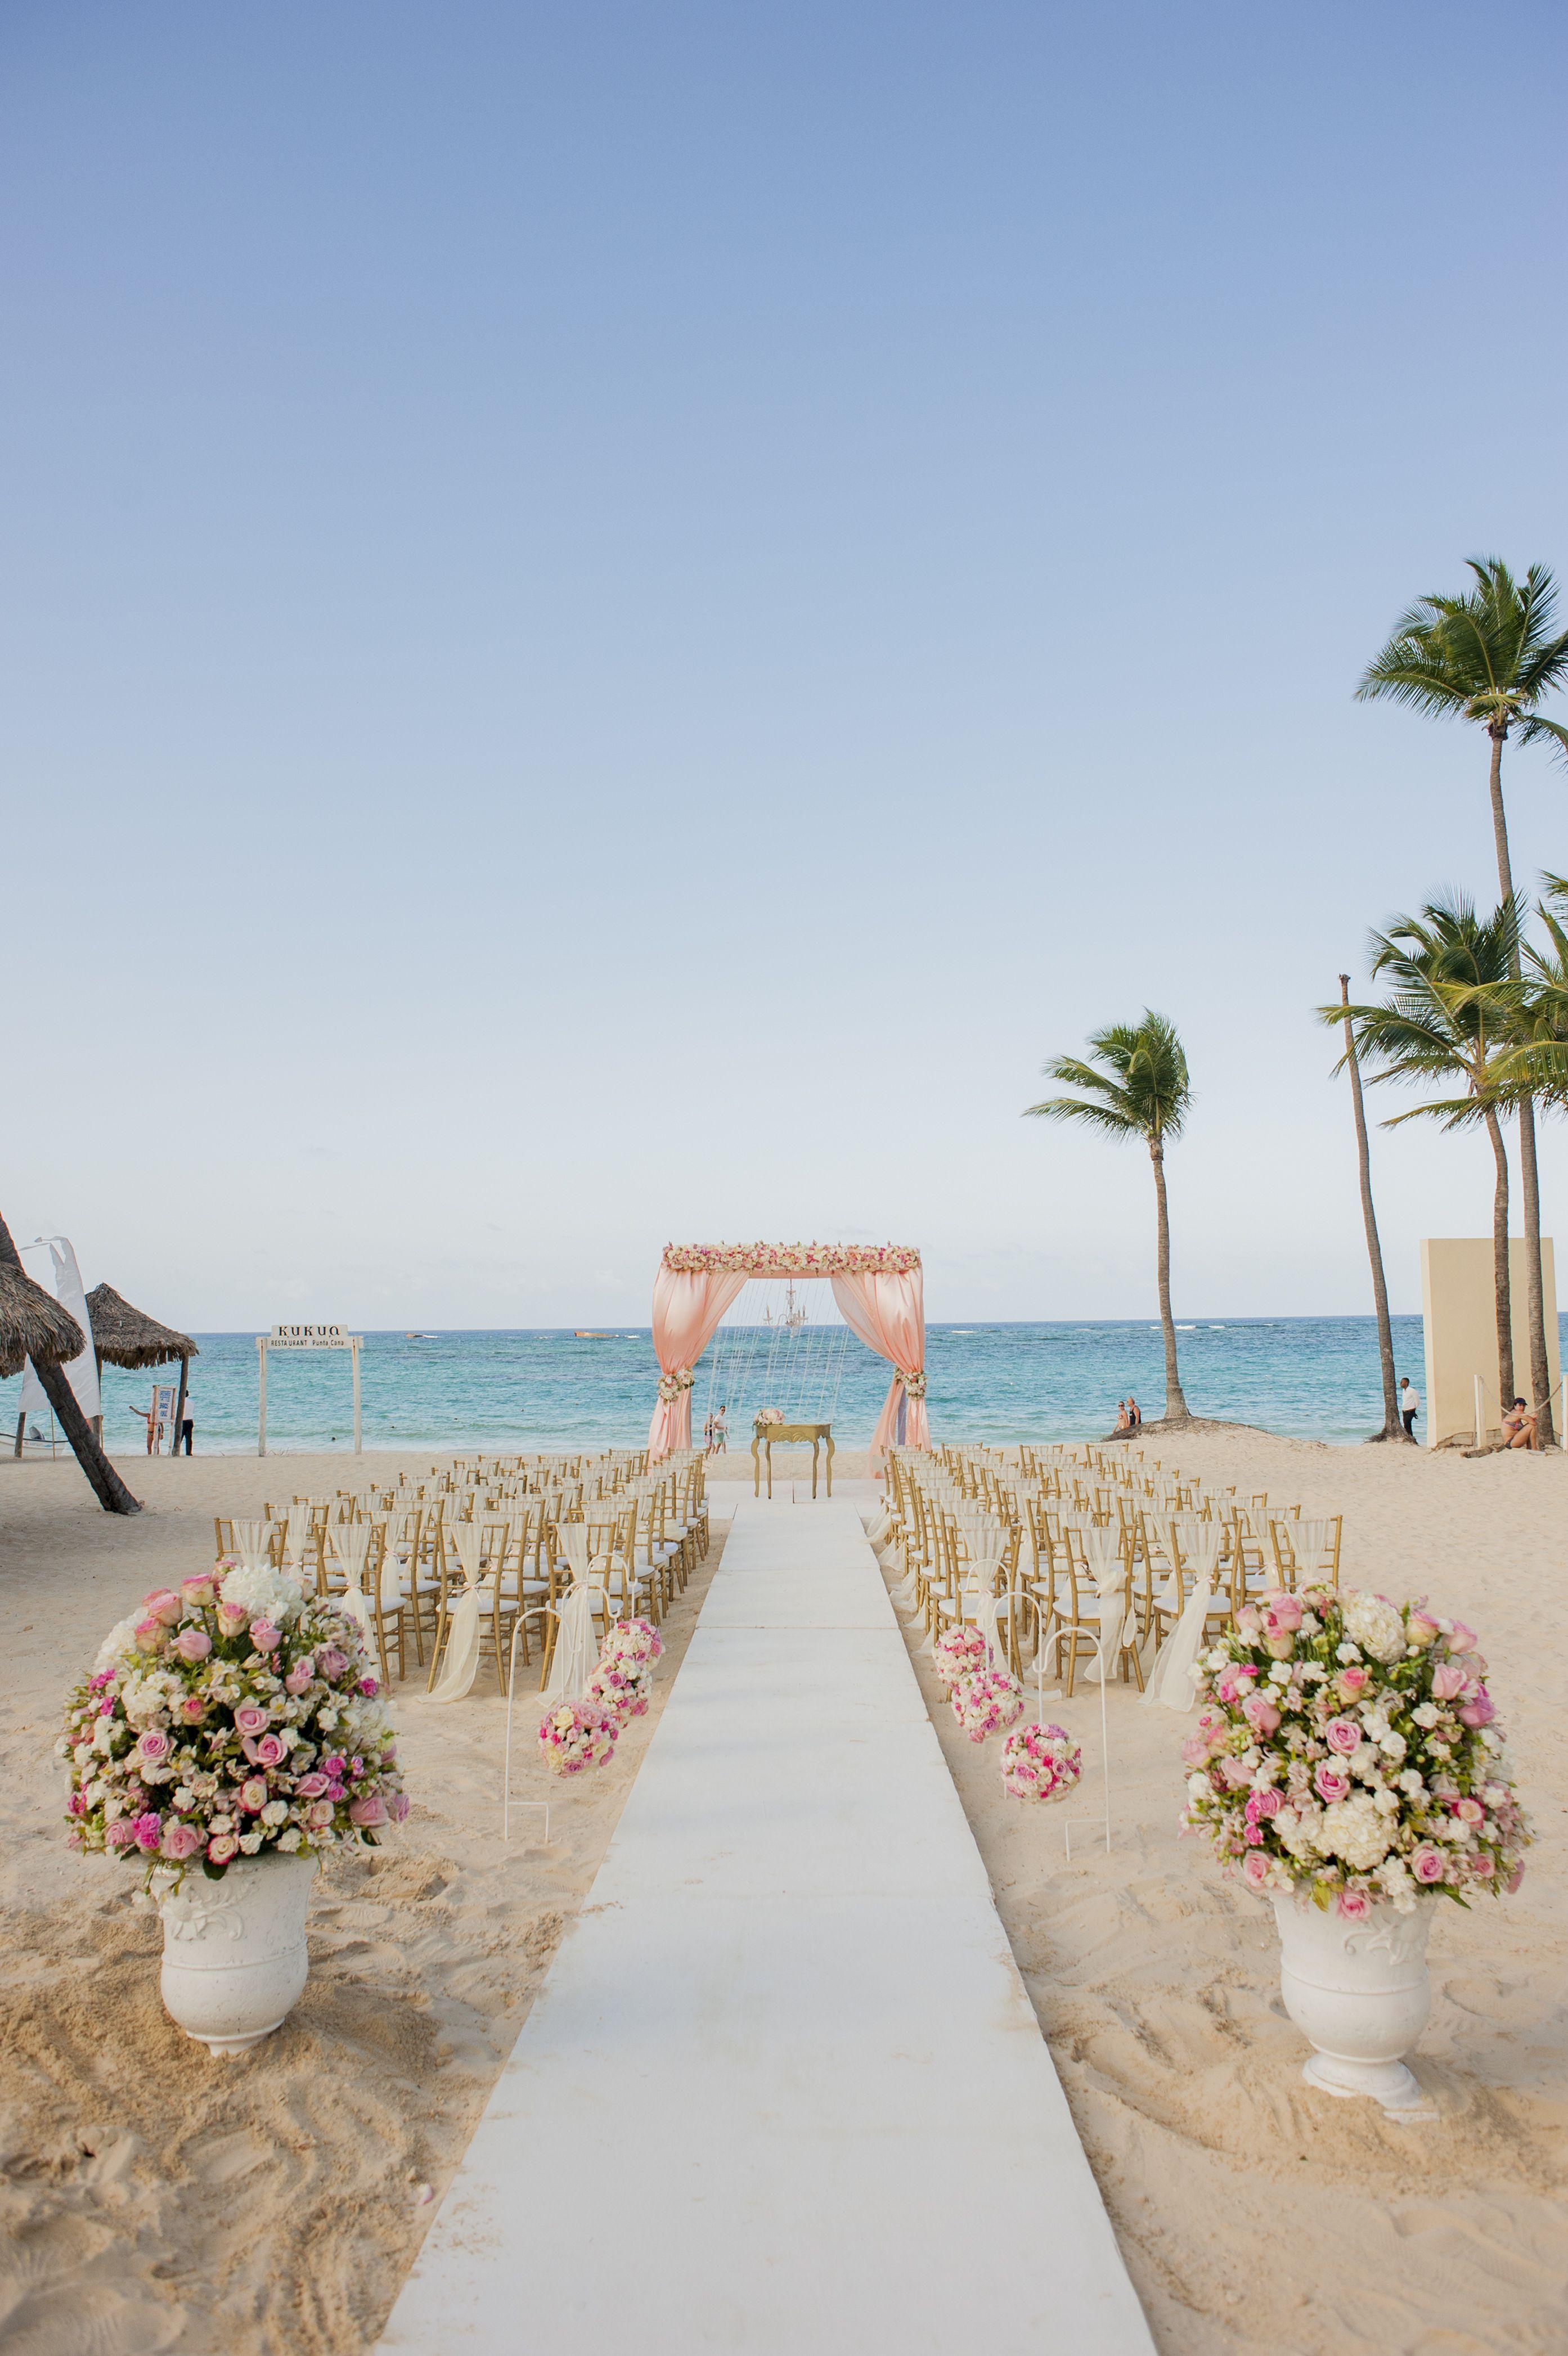 Beach Wedding Venue Ideas 11 Wedding venues beach, Beach